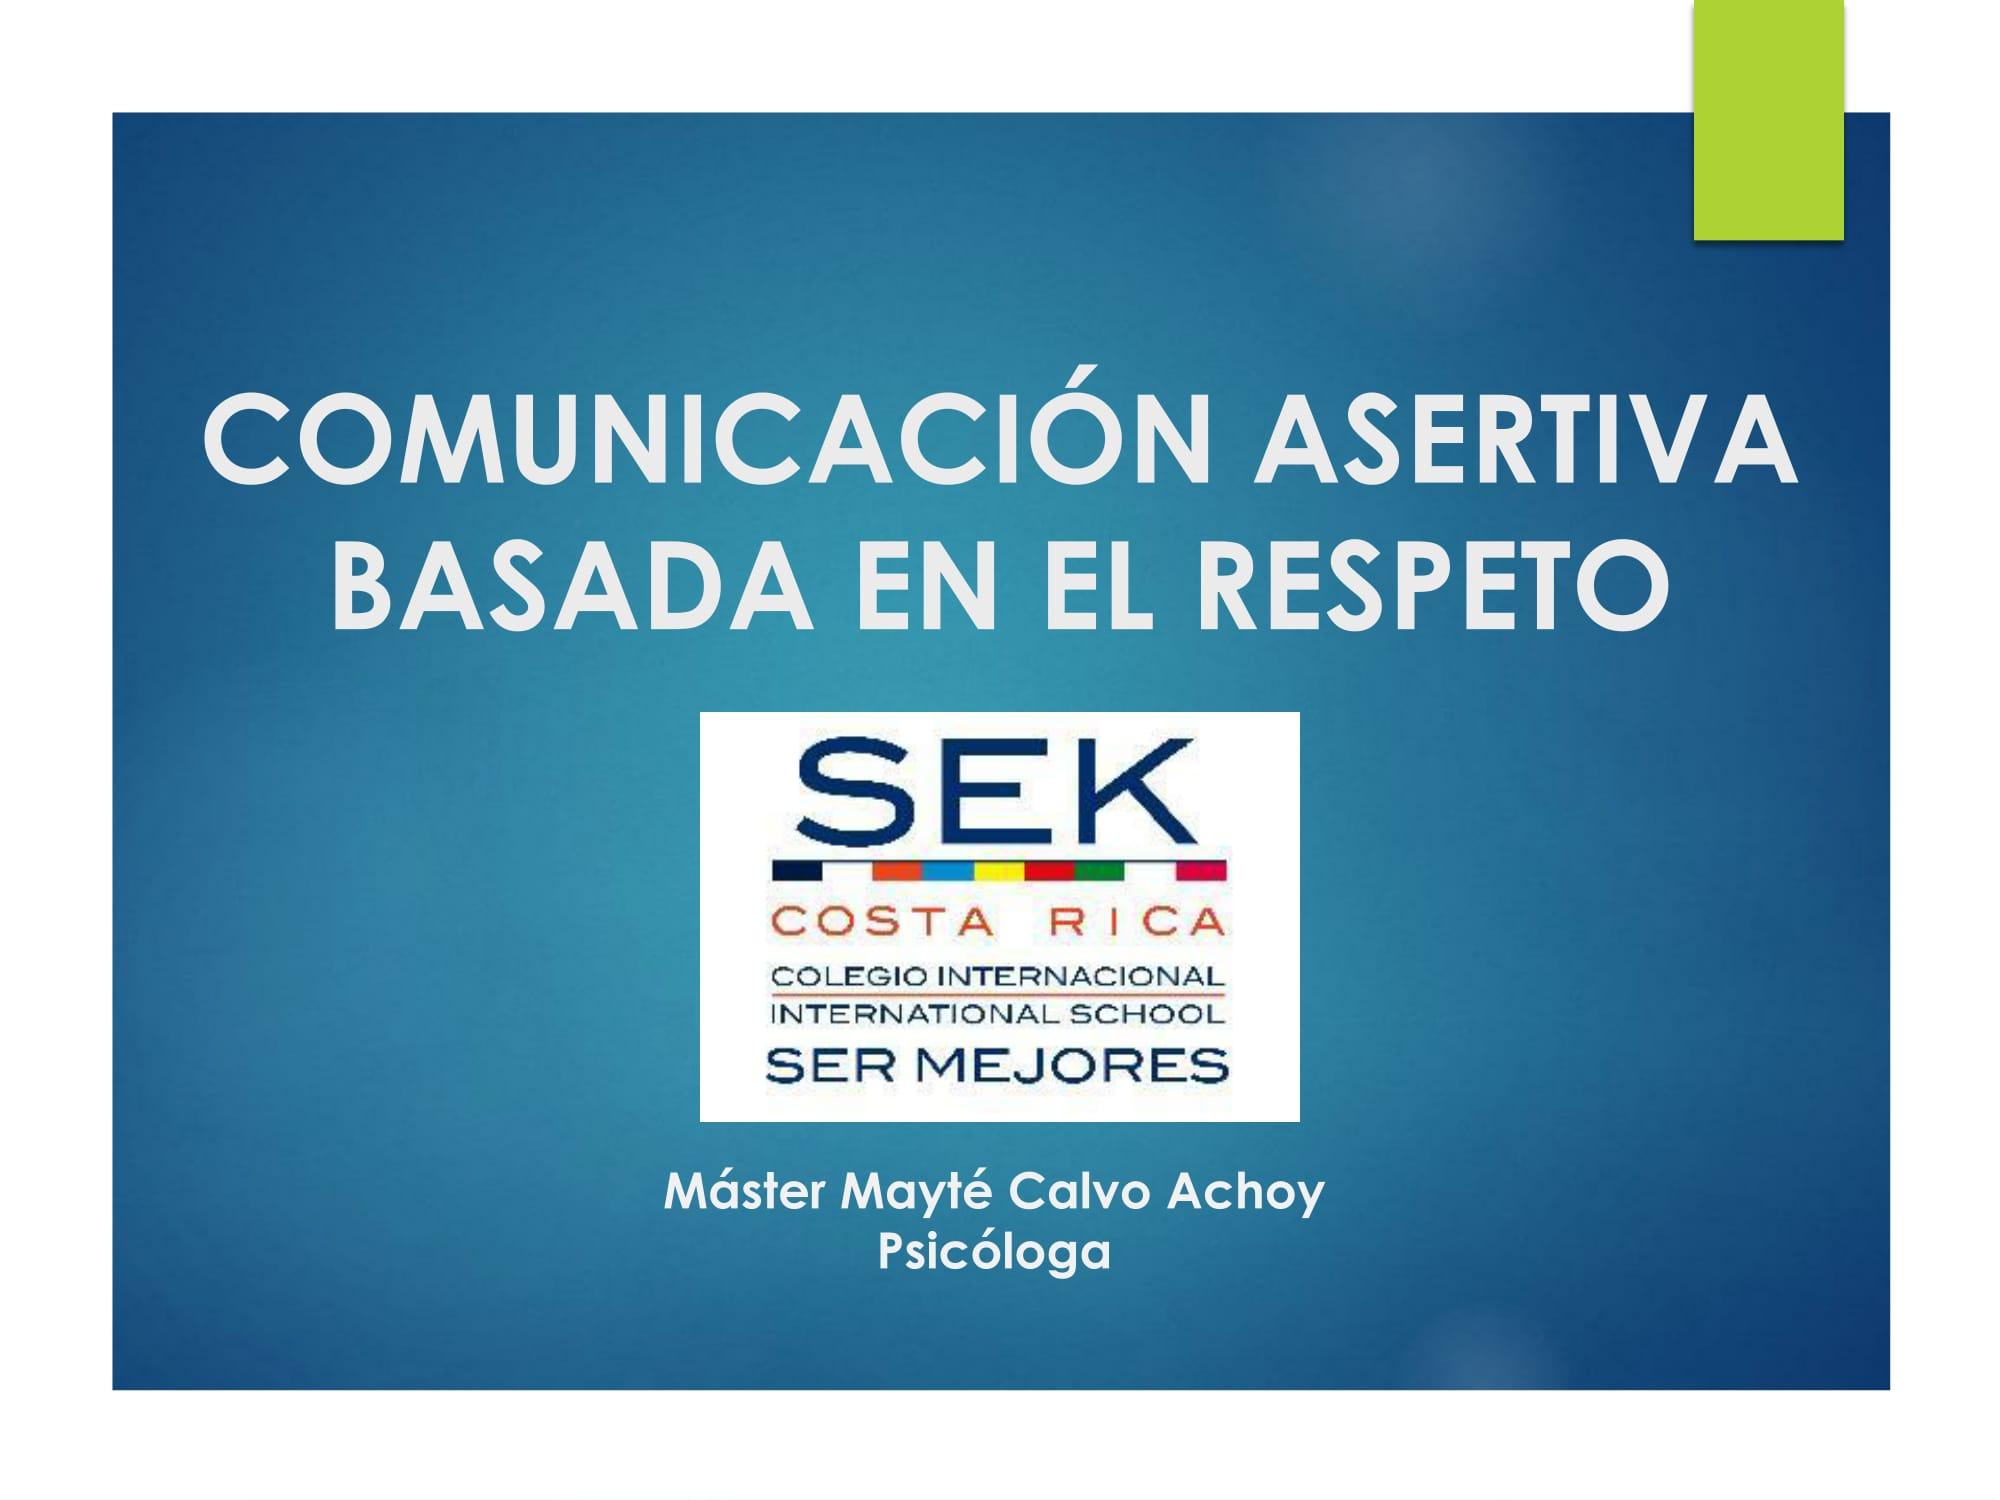 Comunicación Asertiva Basada en el Respeto - Mayté Calvo Achoy - Psicóloga